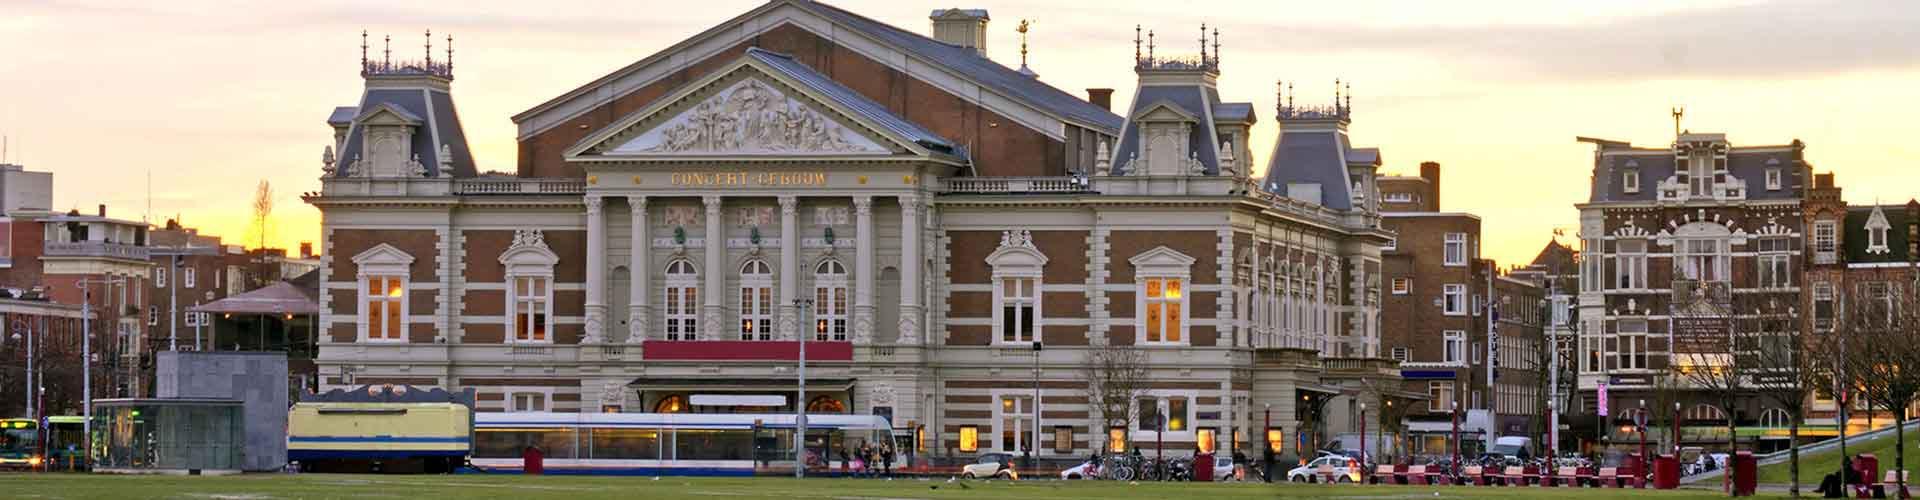 Amsterdam - Habitaciones cerca a Concertgebouw. Mapas de Amsterdam, Fotos y comentarios de cada Habitación en Amsterdam.